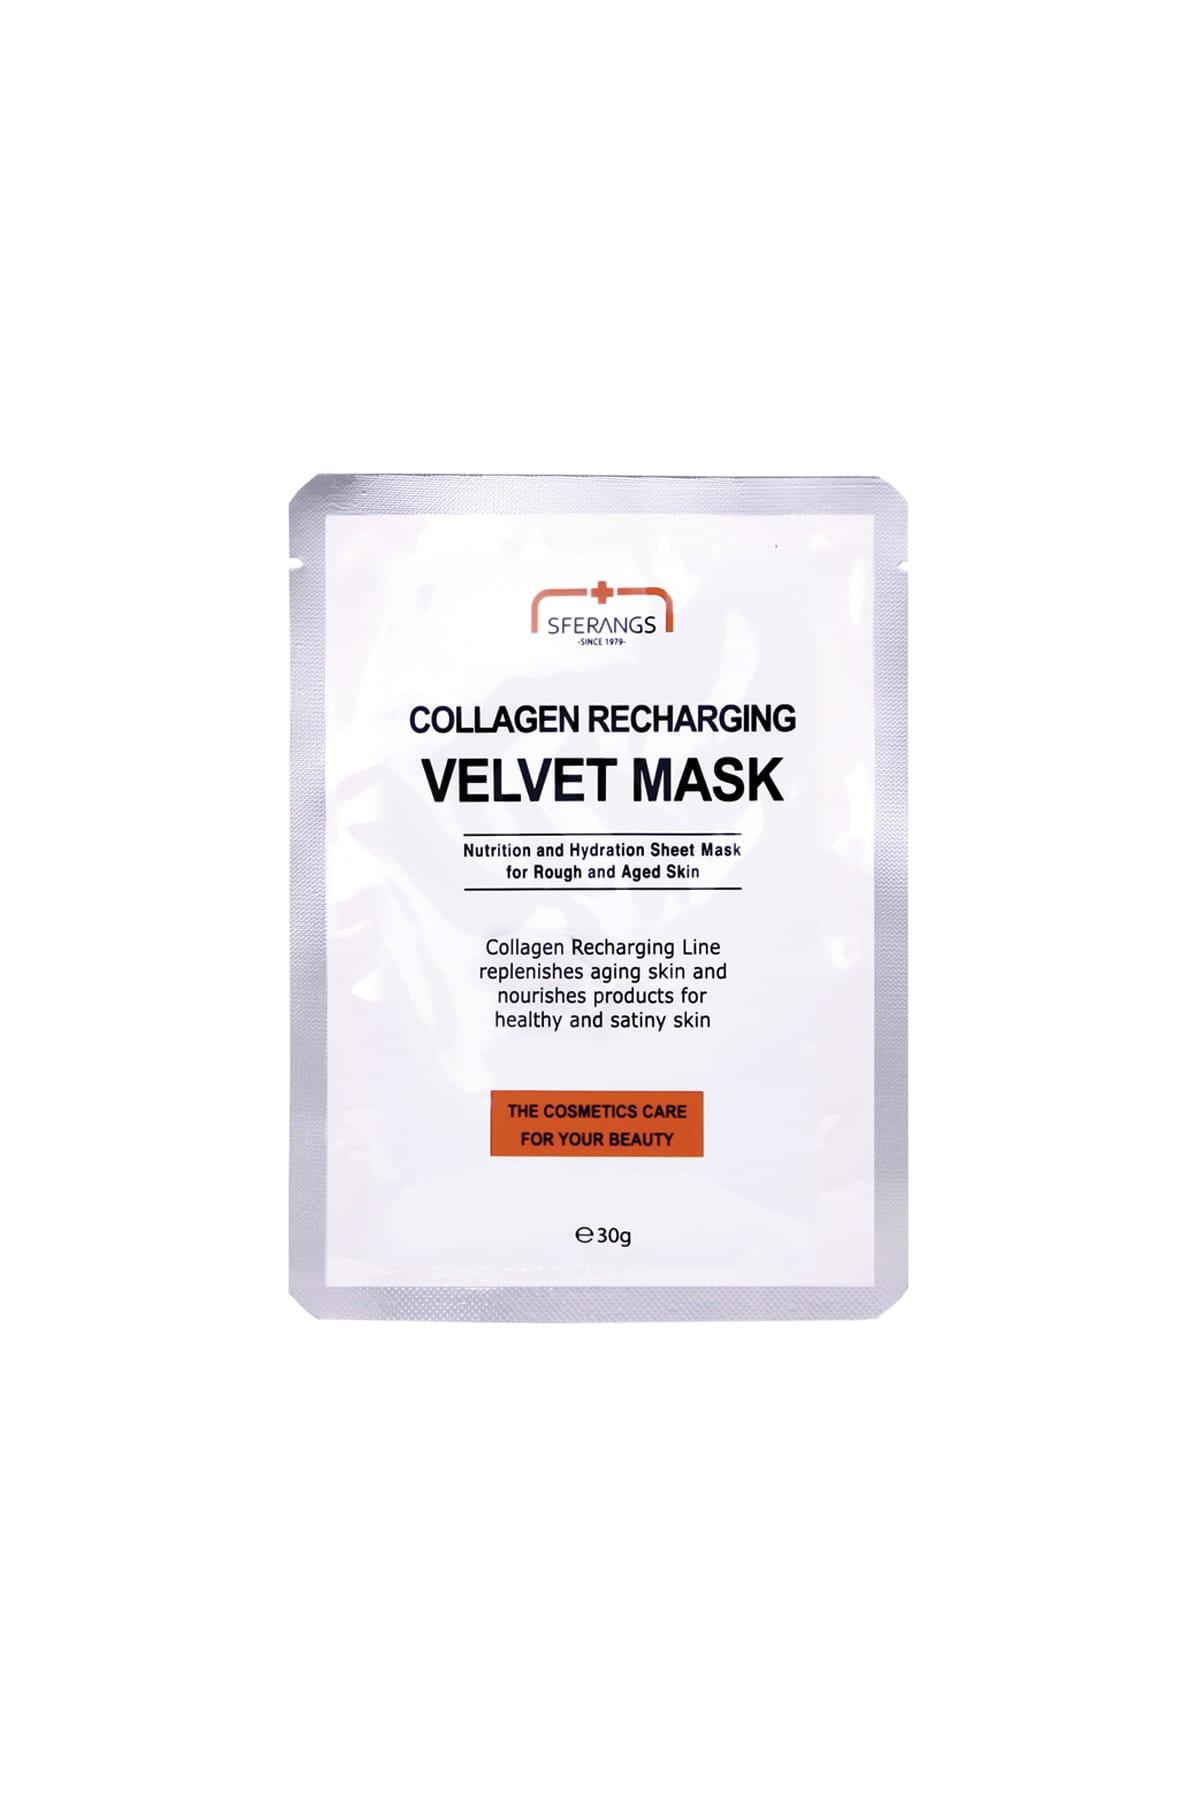 Kollajen Sağlayıcı Kırışıklık Gidermeye Yardımcı Yüz Maskesi 30 g 8809080827383